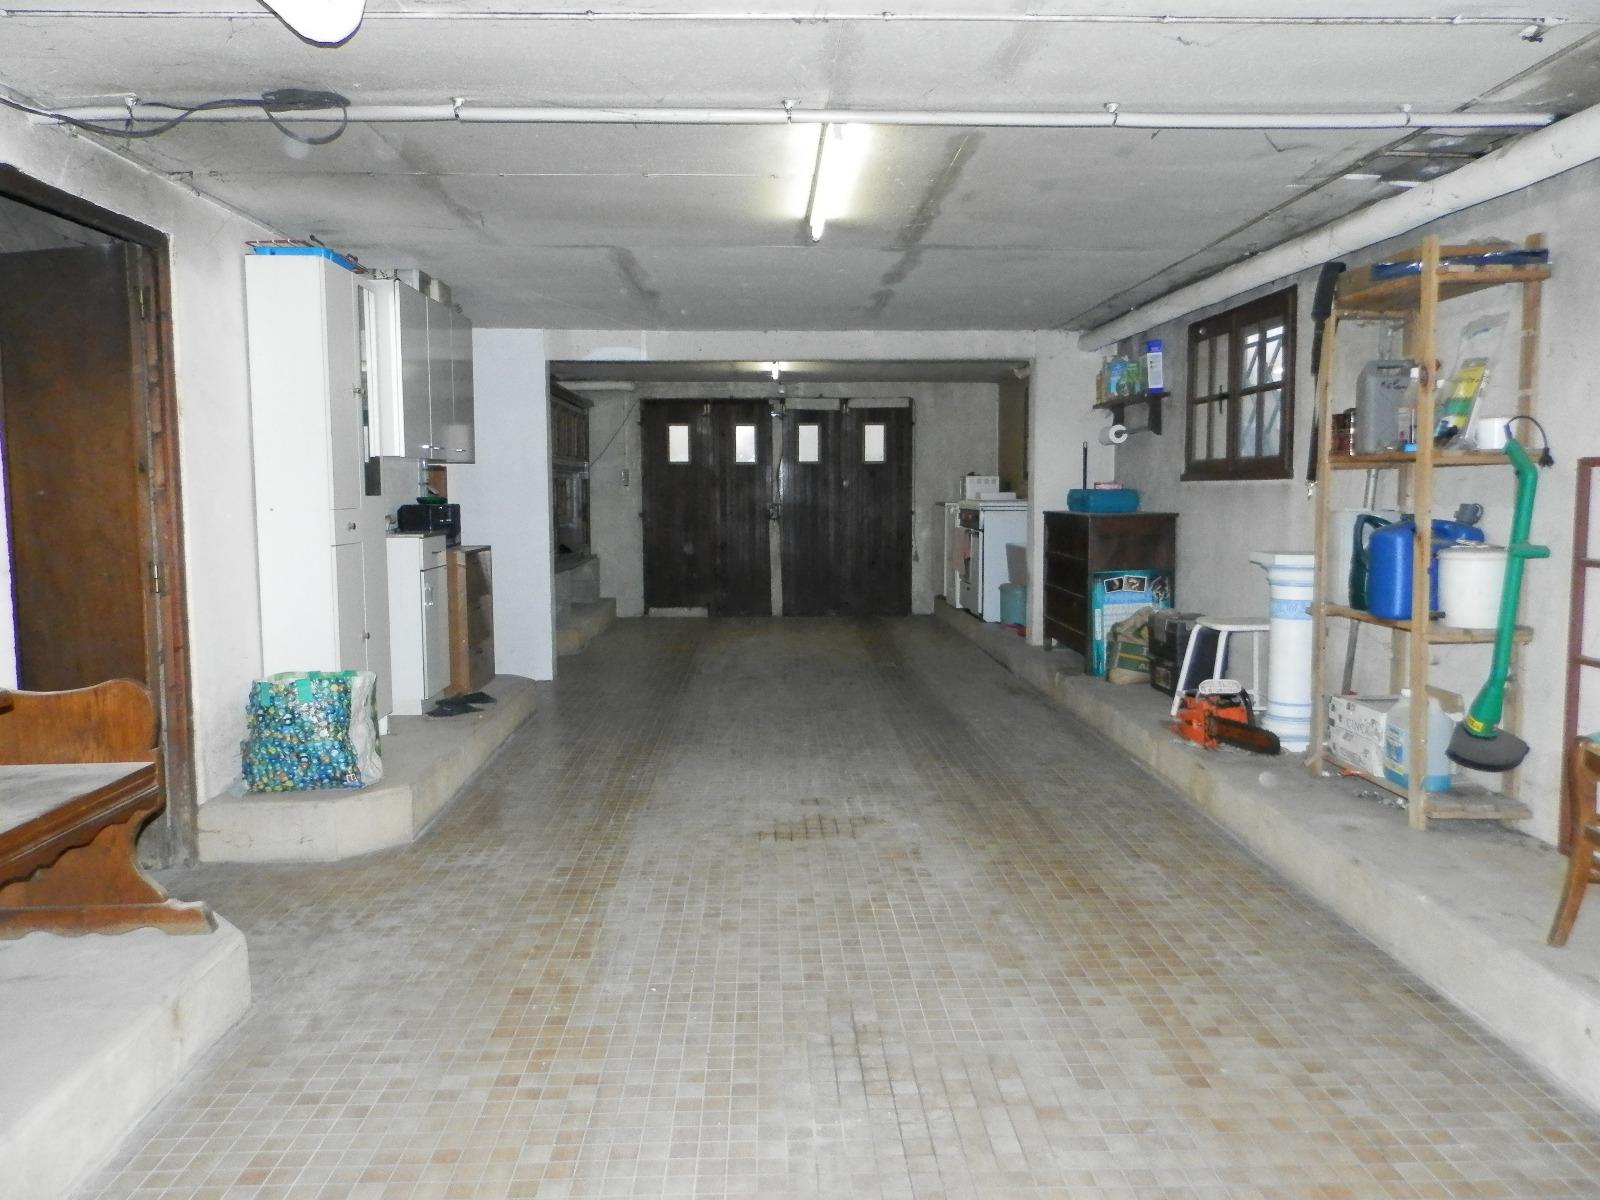 Vente proche lons le saunier 39 maison non mitoyenne de for Garage bmw lons le saunier